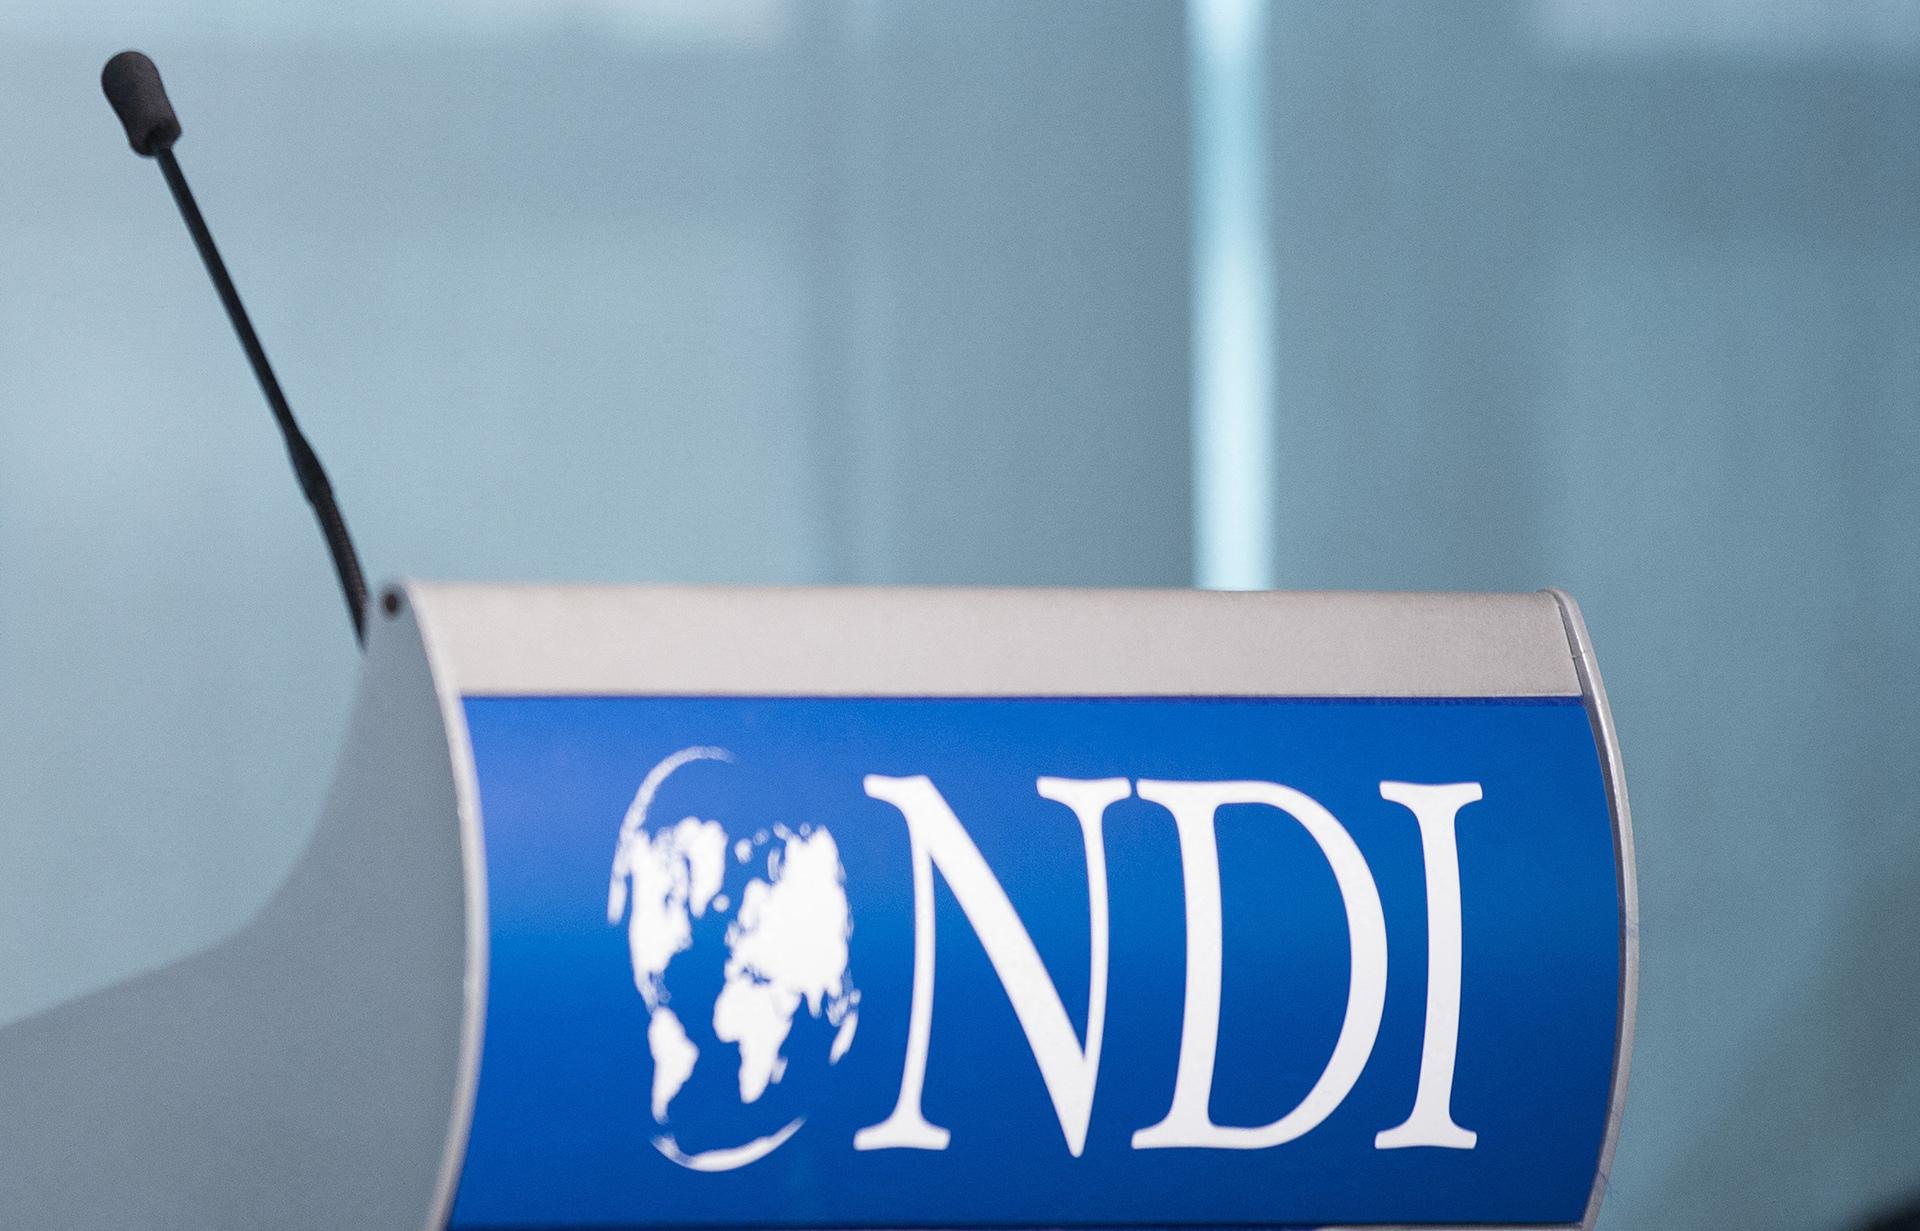 606daa3502e8bd07f6437484 «Перепрошивка сознания»: американская НКО собирается привлекать украинскую молодёжь в политику